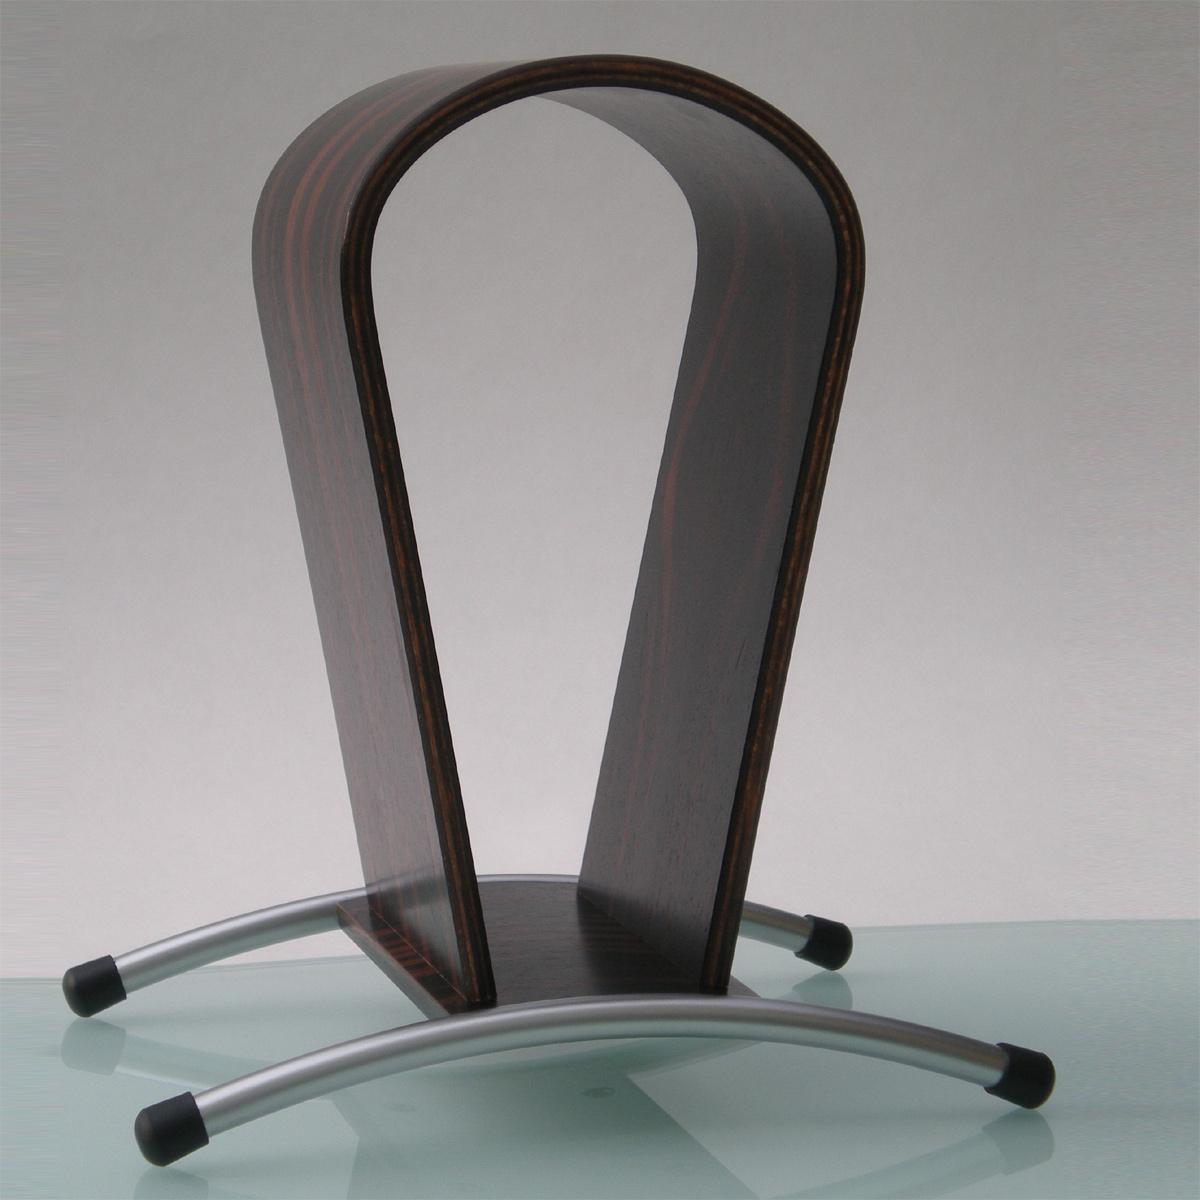 Ein Kopfhörerhalter ergonomisch geformt. Schonende Aufbewahrung. Perfekte Belüfftung. Modell Rooms L.